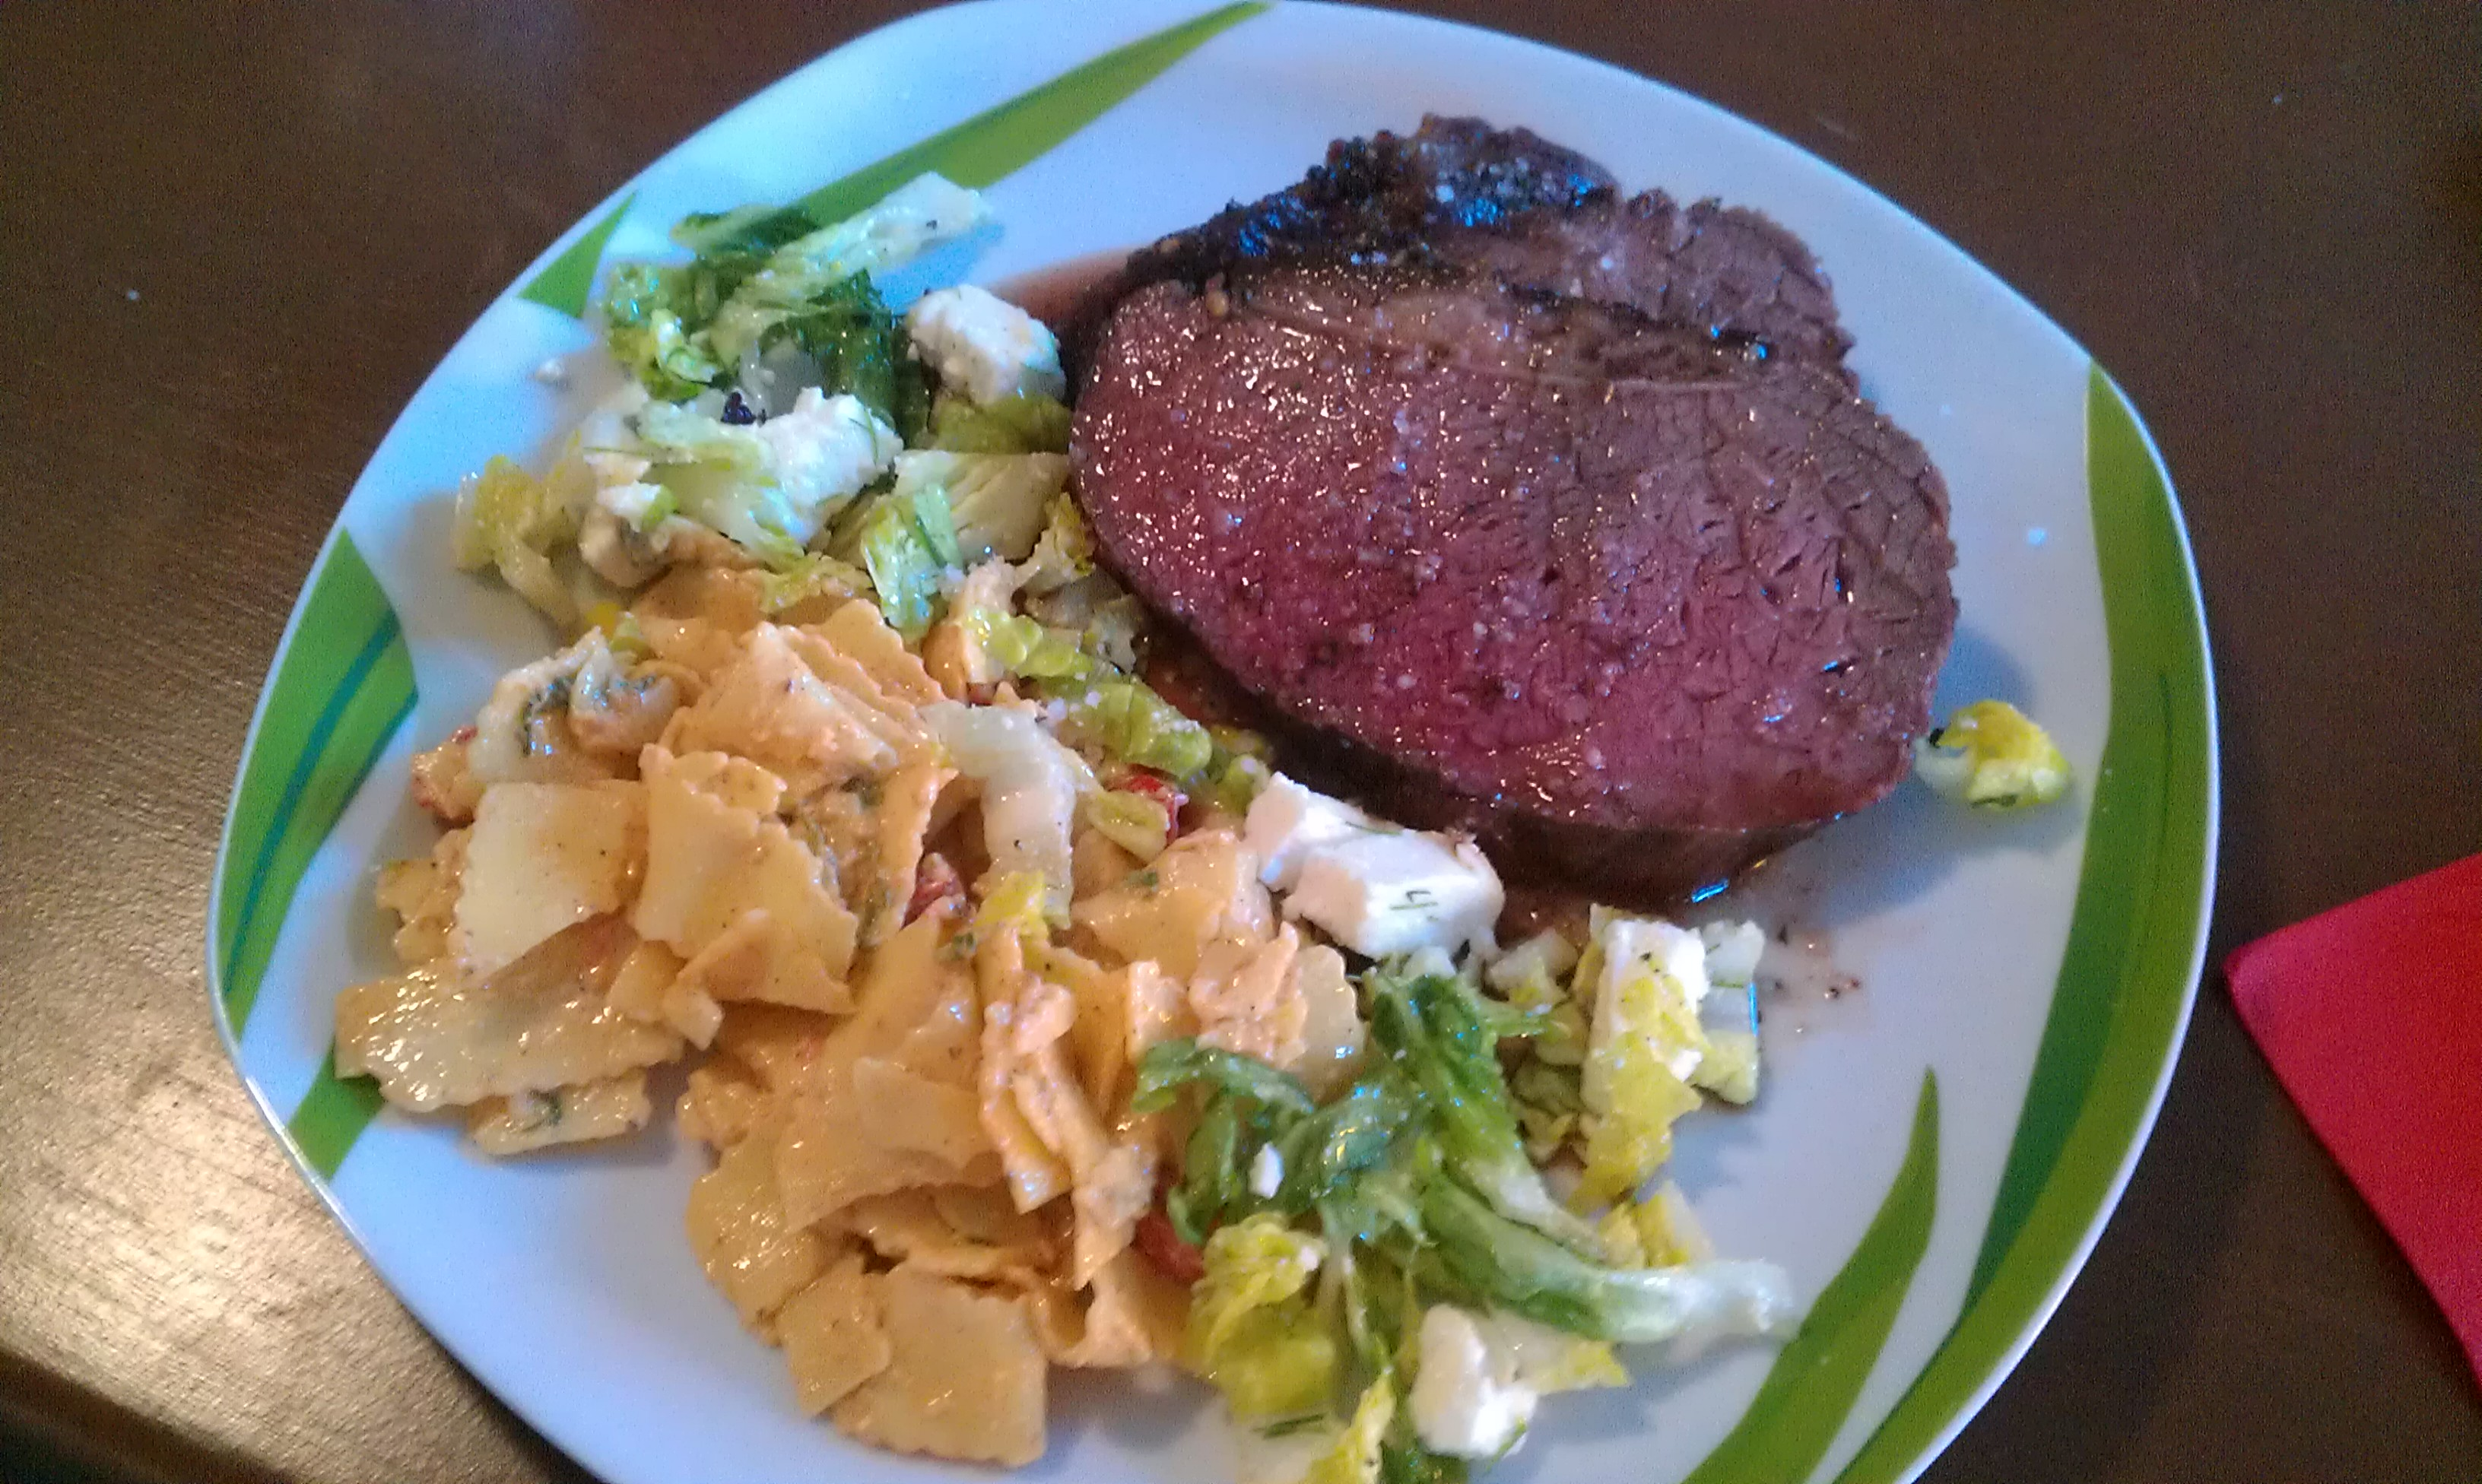 Tafelspitz mit Salat und Nudeln